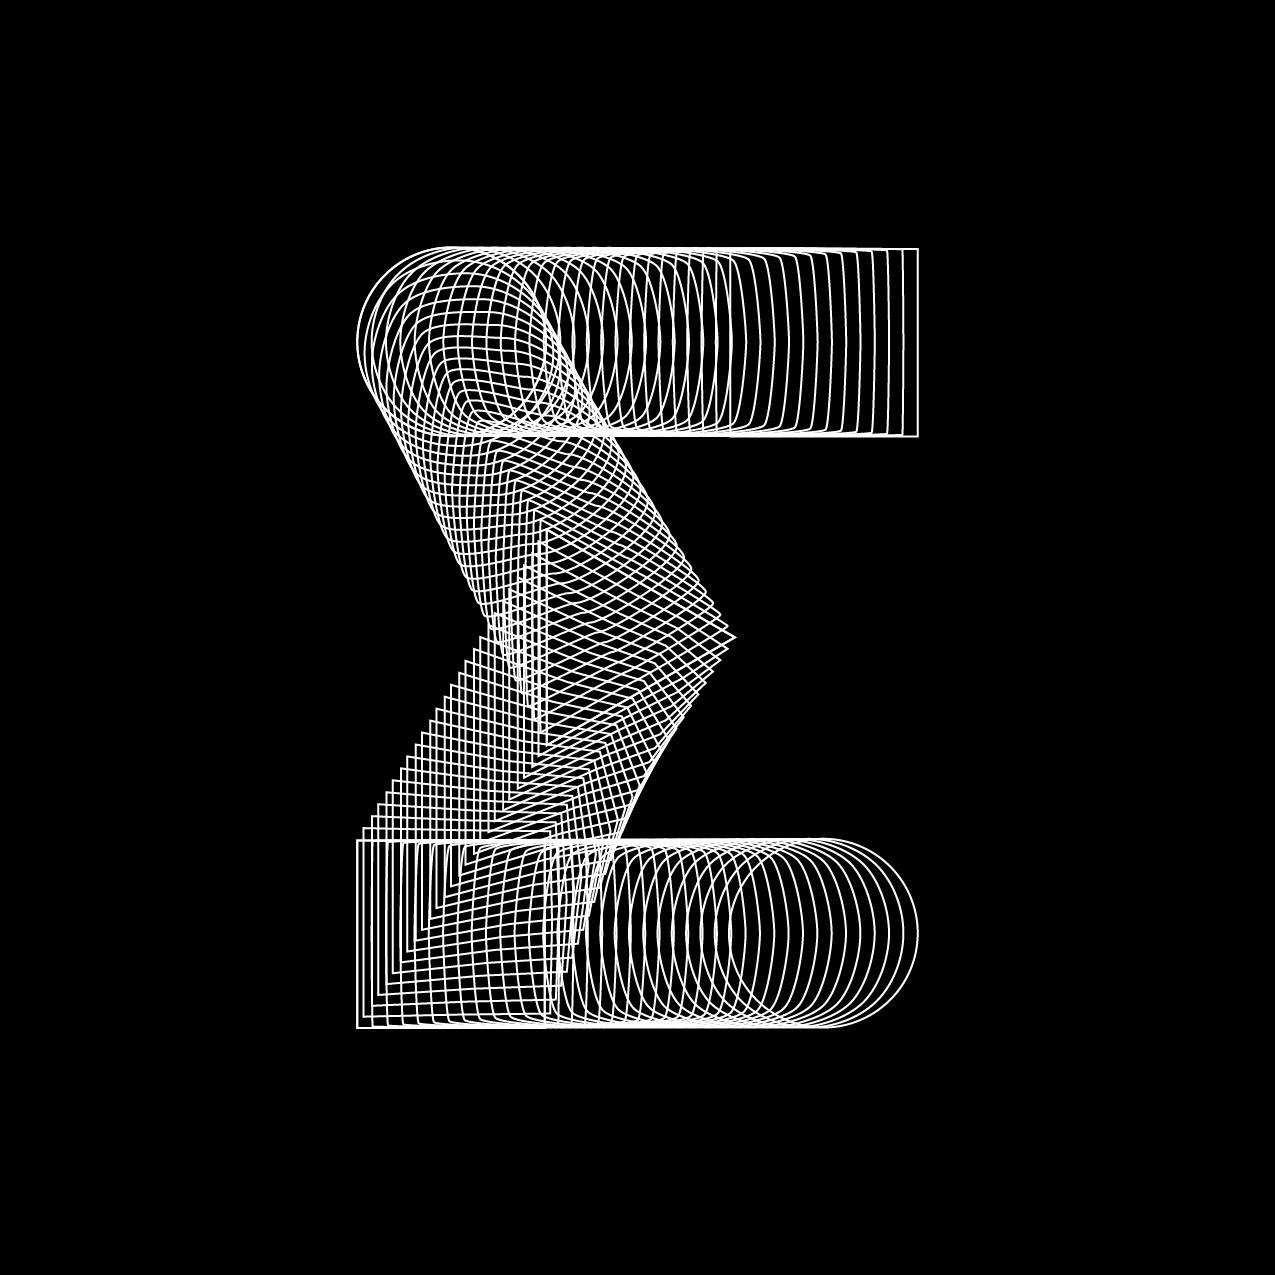 Letter E7 design by Furia